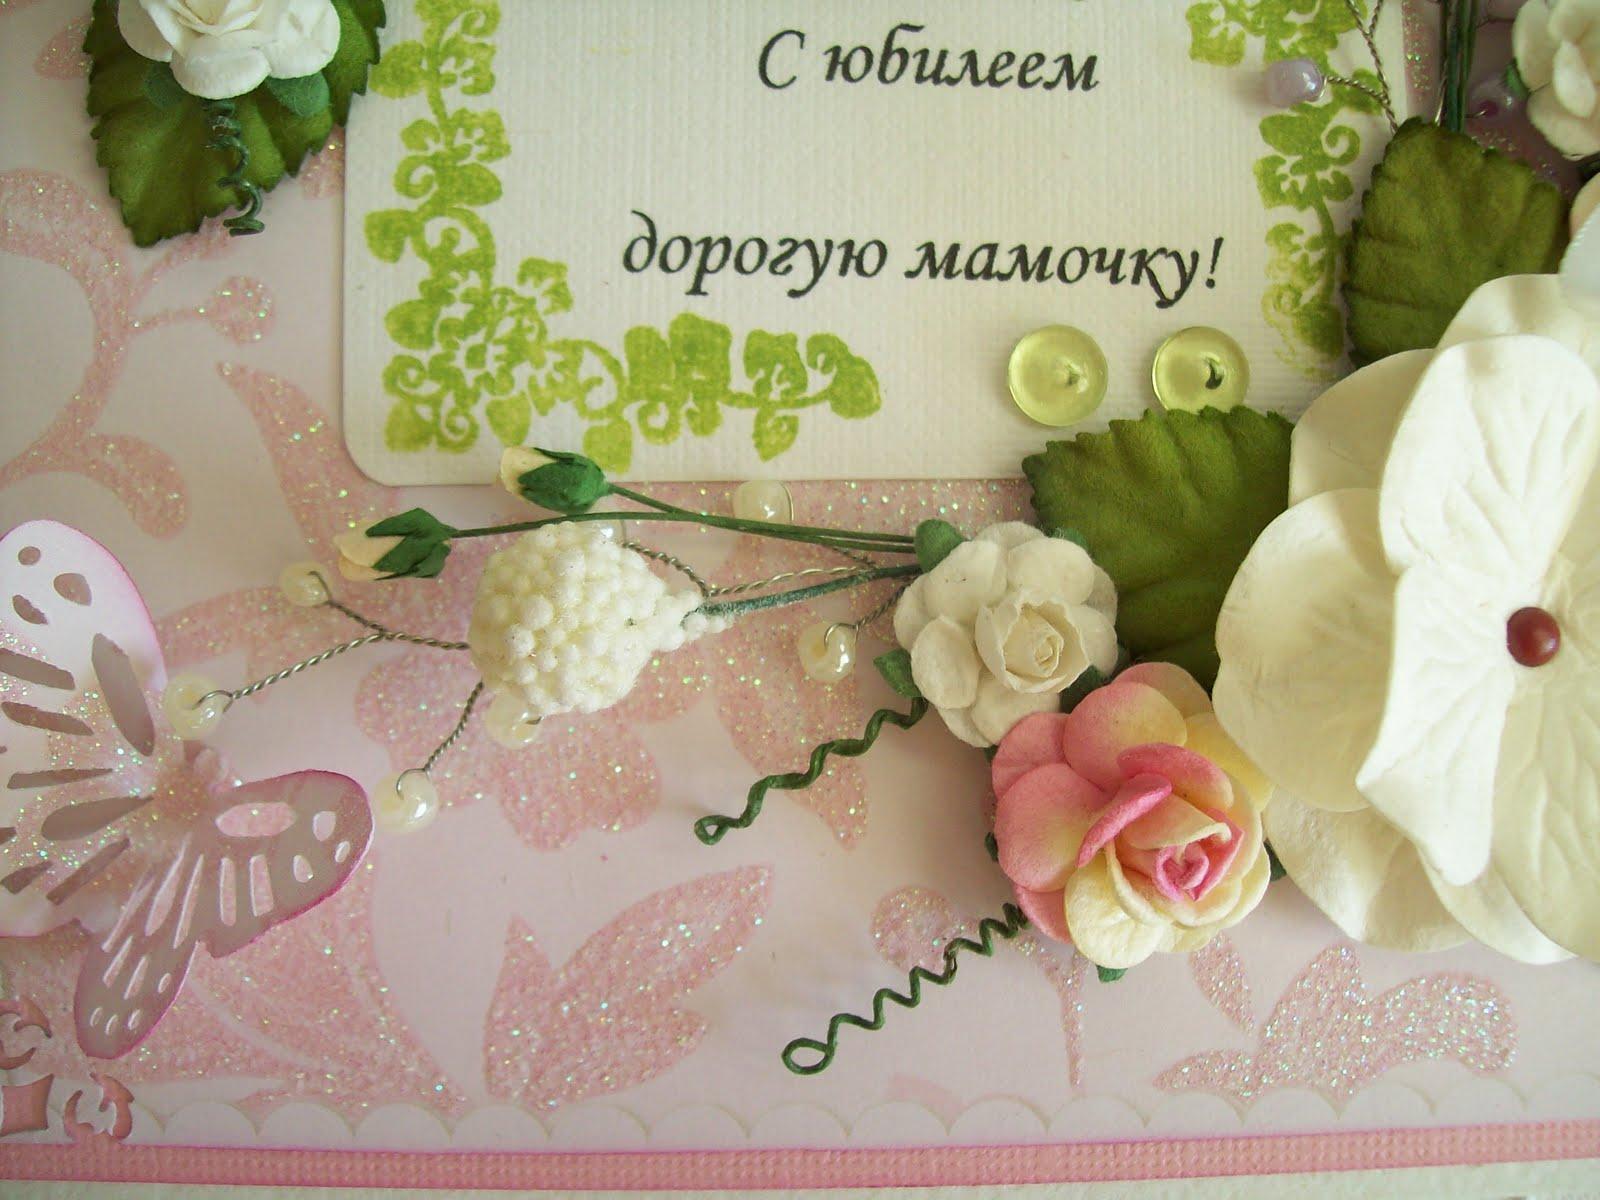 Красивые поздравления с Днем рождения маме - Новости на KP 65